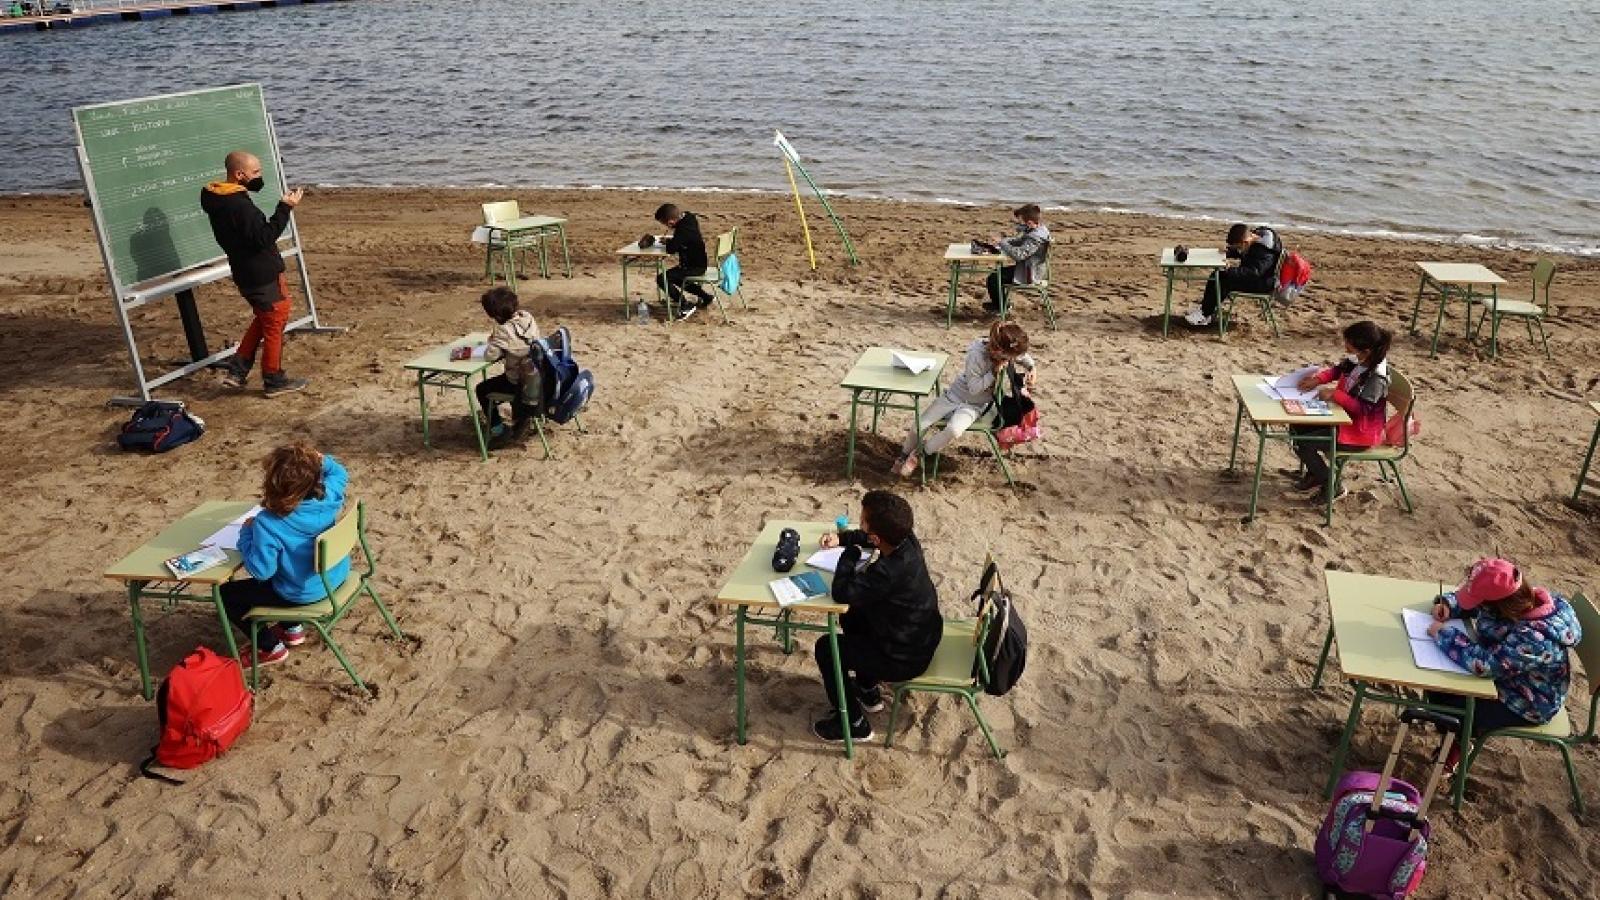 Học bên bờ biển để phòng chống Covid-19 – kinh nghiệm của một trường học Tây Ban Nha